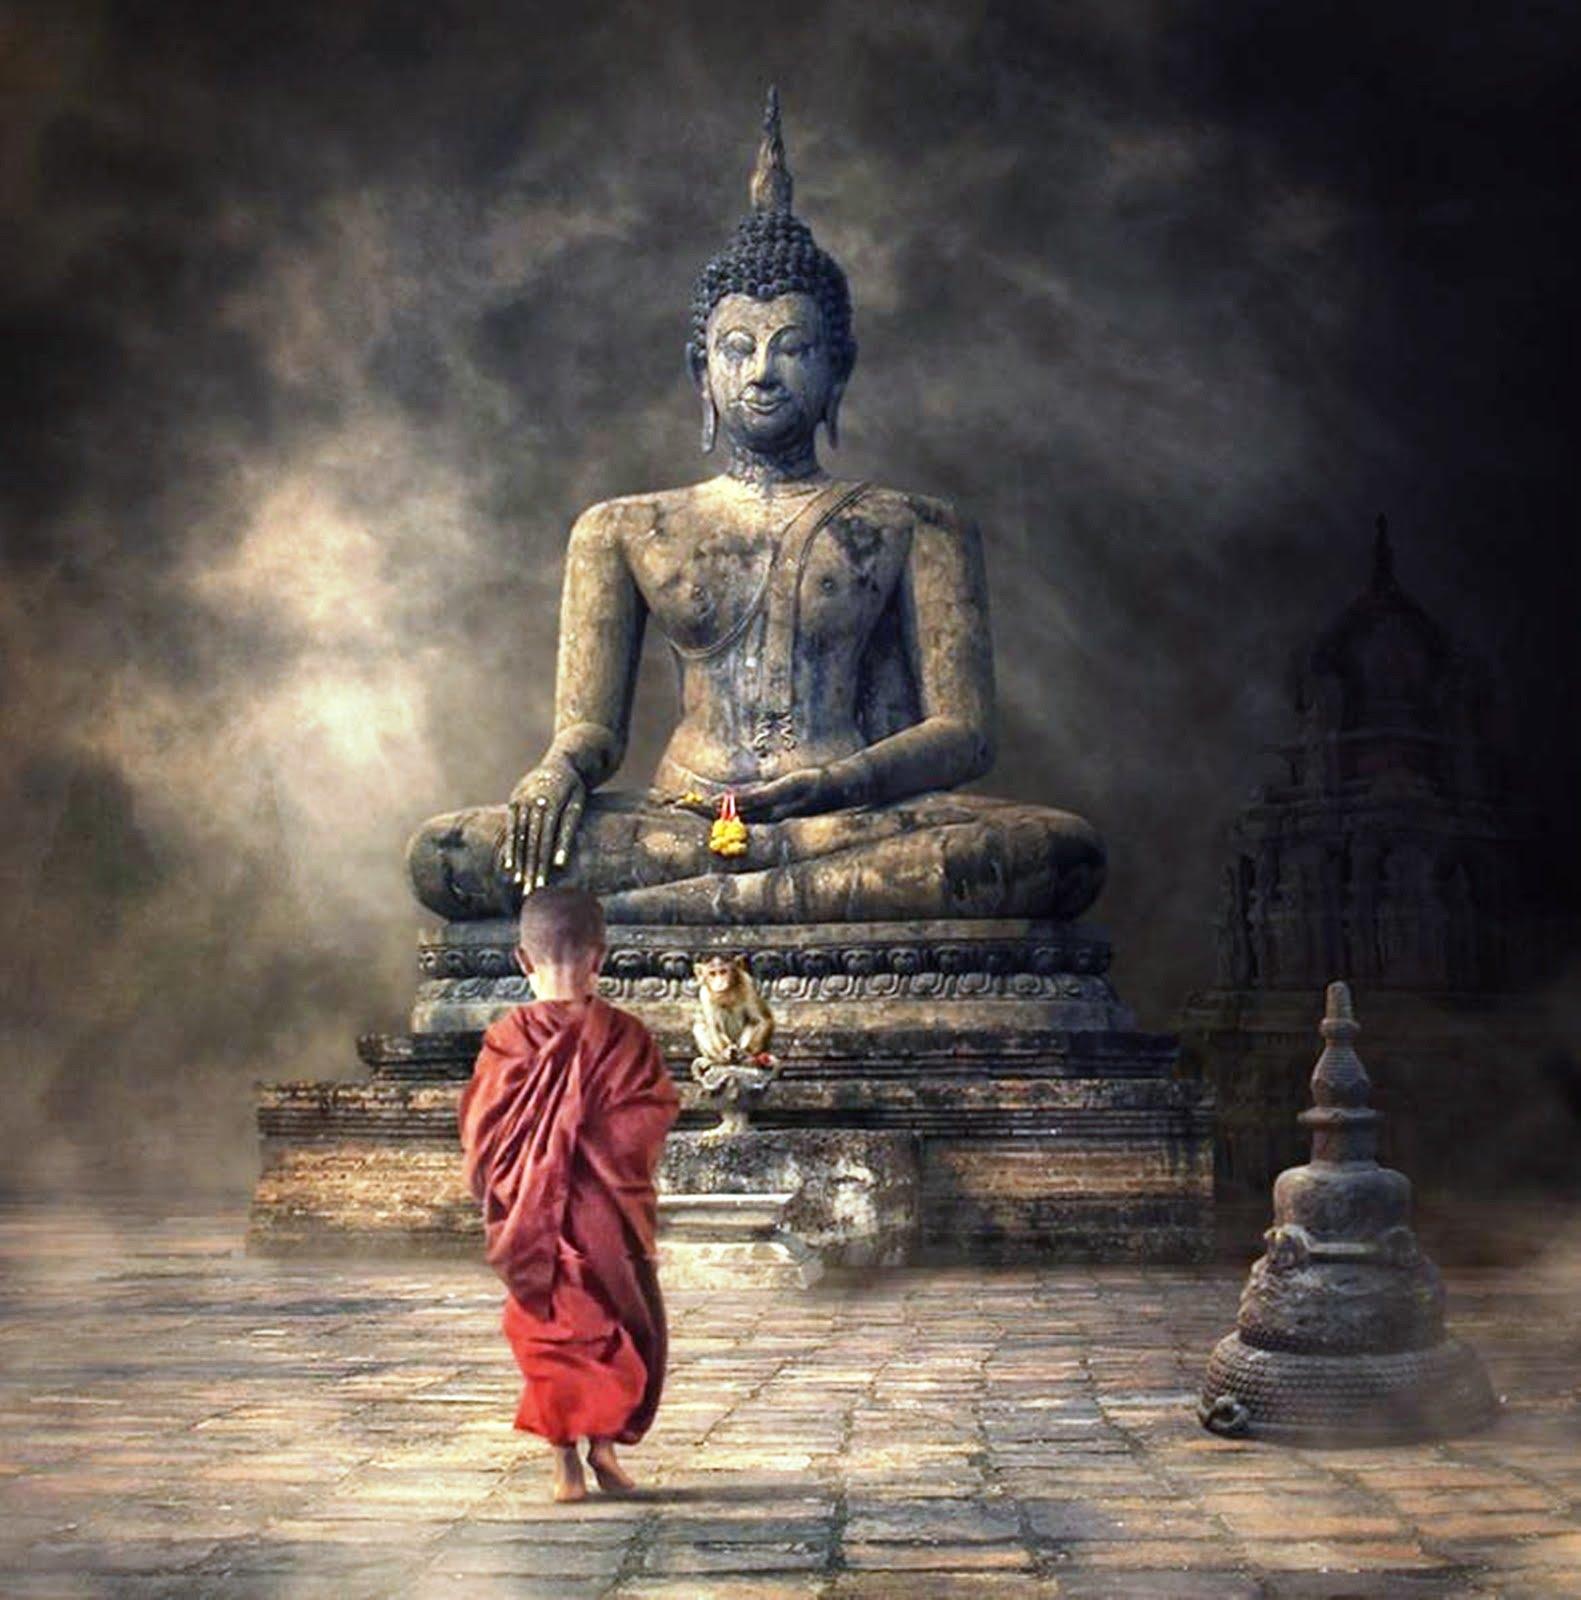 Con người cả đời bái Phật nhưng cớ sao vẫn không buông bỏ mọi dục vọng?